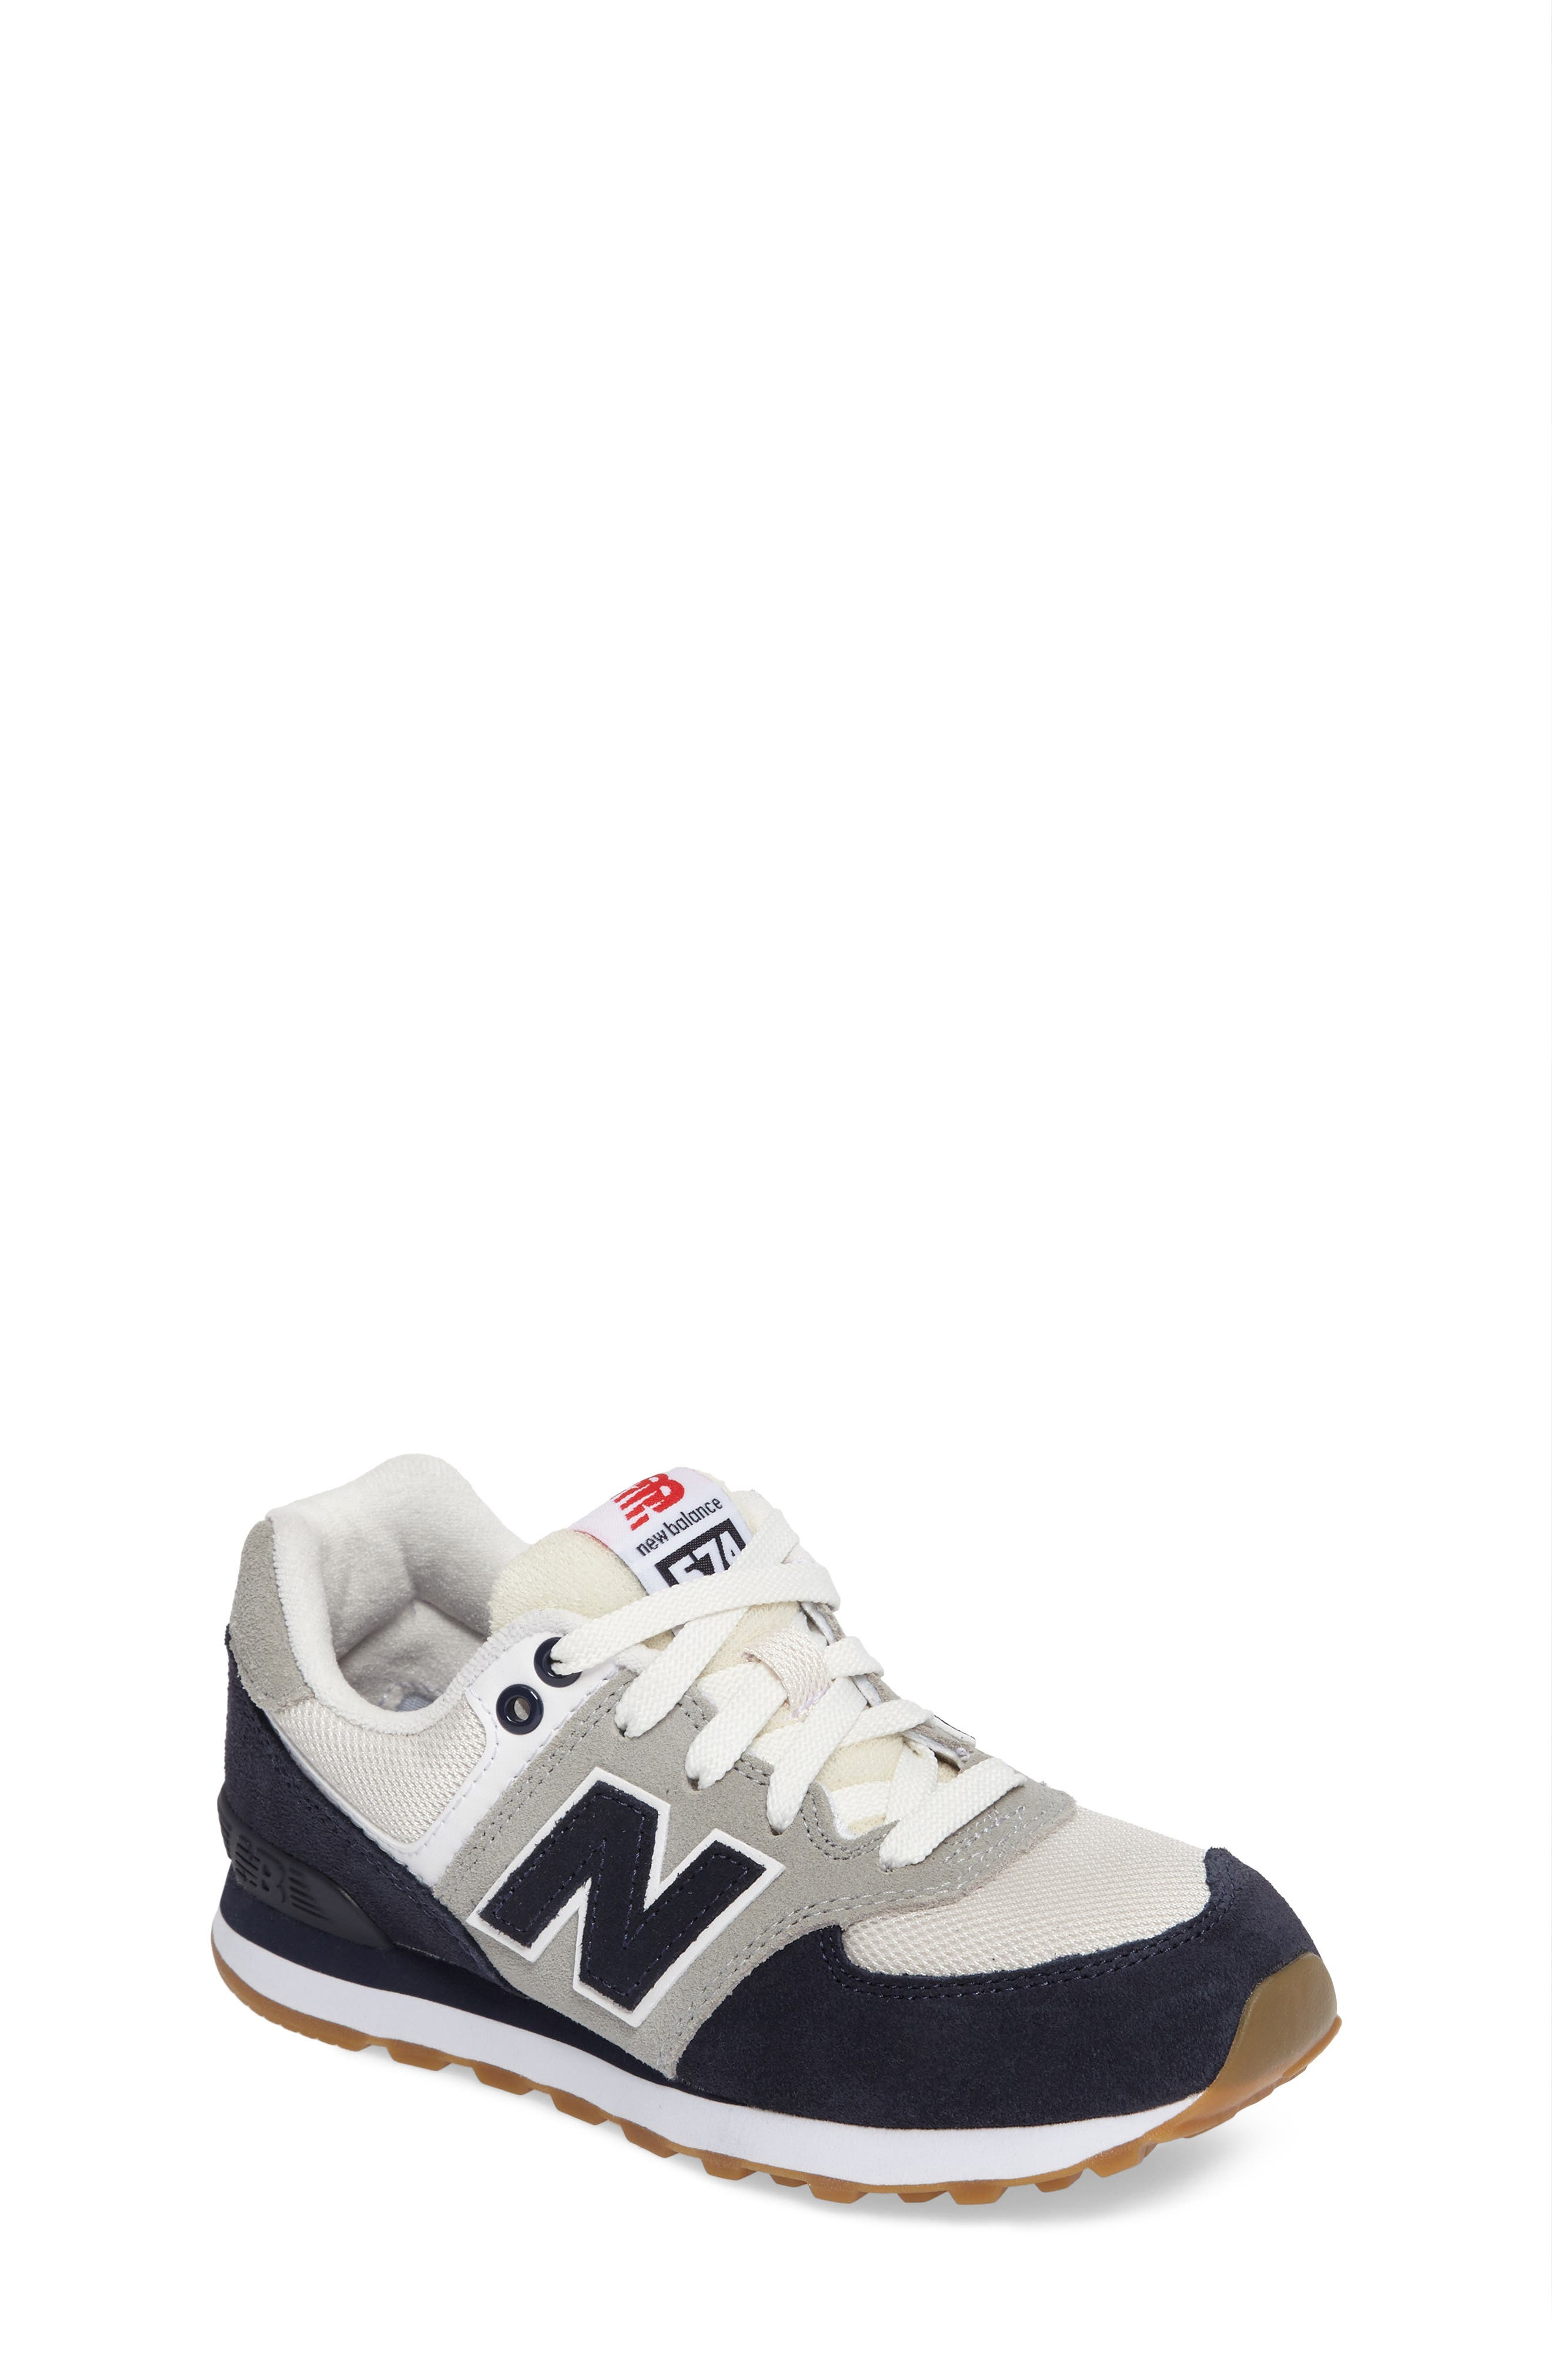 New Balance 574 Resort Sporty Sneaker (Toddler & Little Kid)